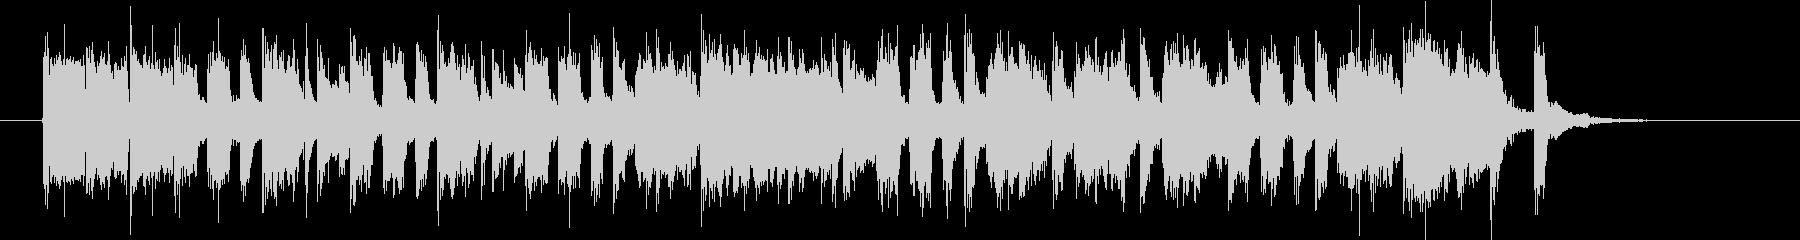 明るくトランペットが印象的なBGMの未再生の波形